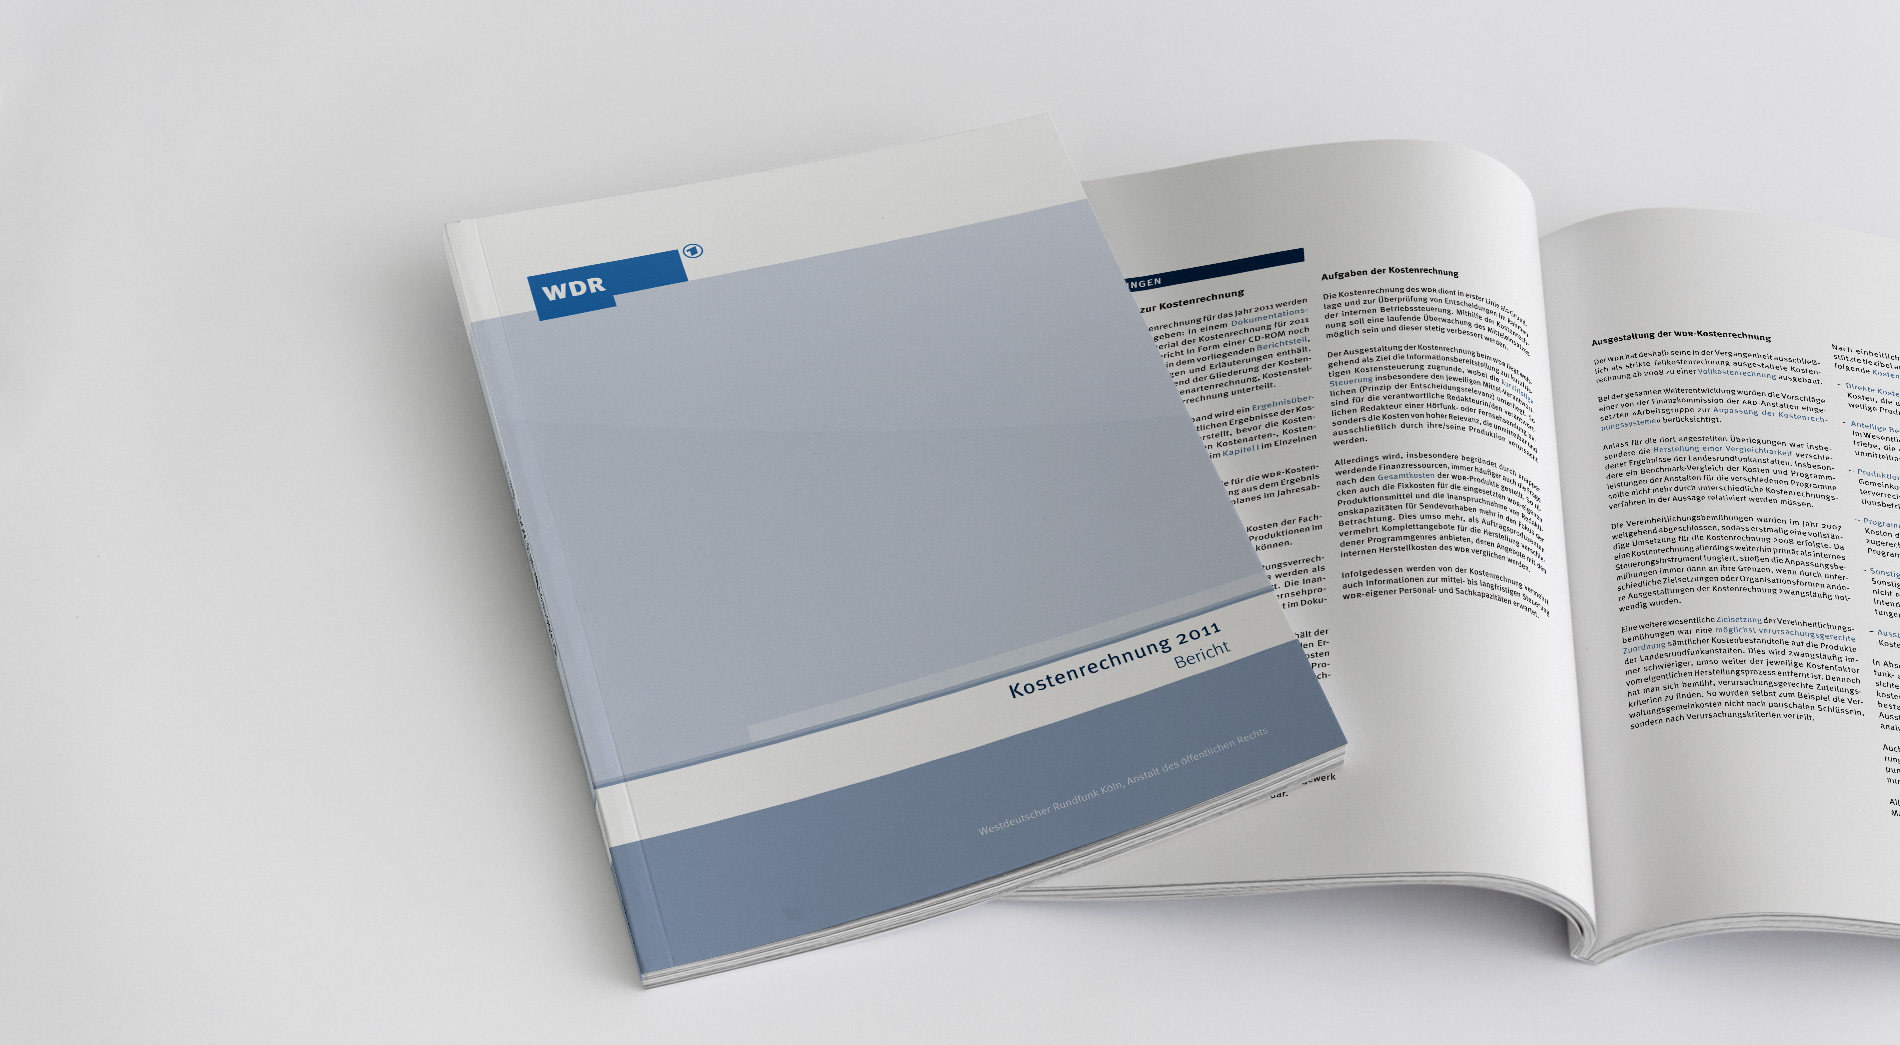 WDR Finanzpublikationen 2012, Kostenrechnung 2011, Titel